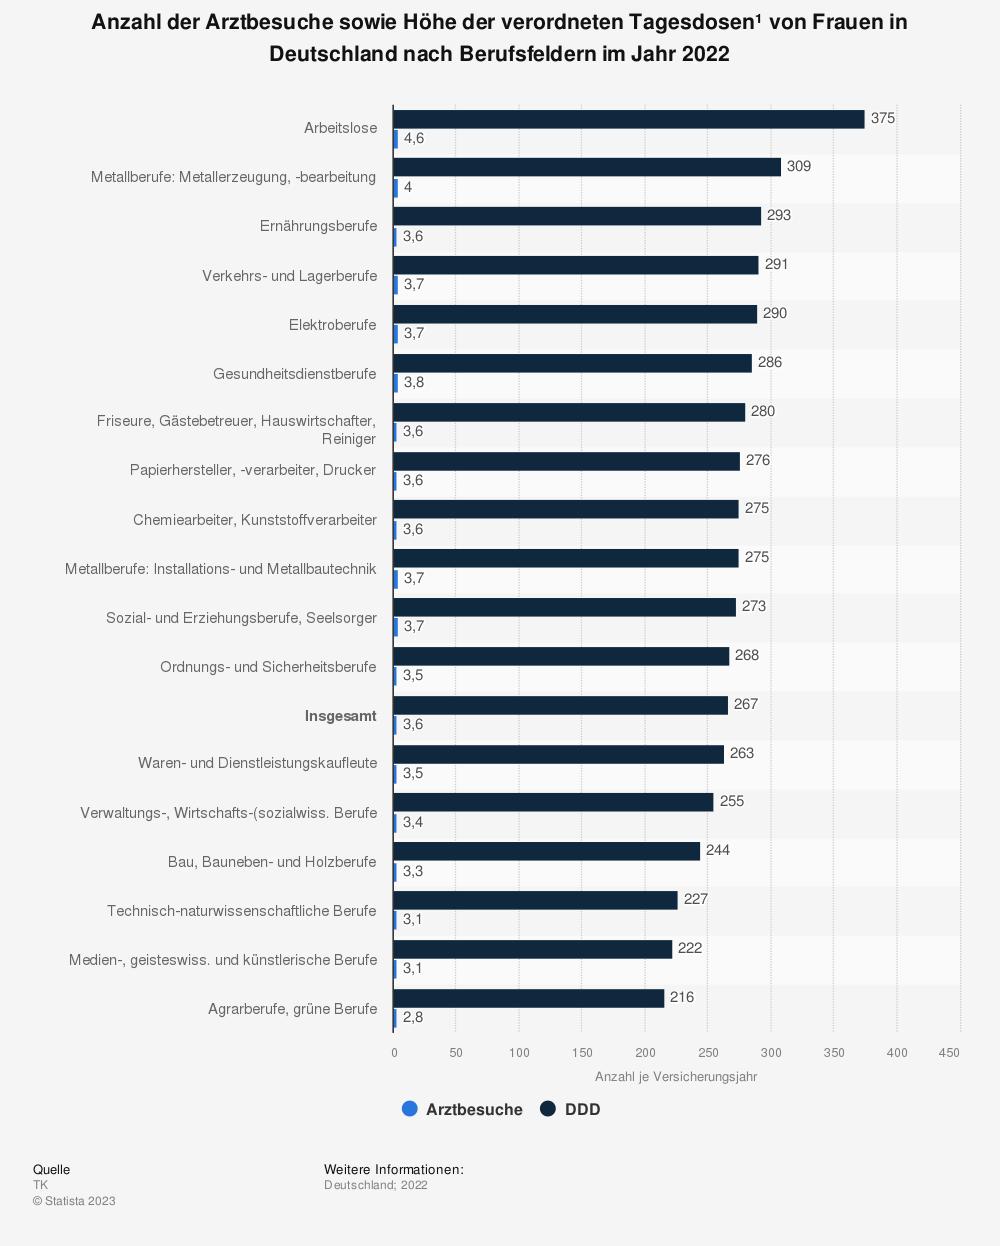 Statistik: Anzahl der Arztbesuche sowie Höhe der verordneten Tagesdosen* von Frauen in Deutschland nach Berufsfeldern im Jahr 2019 | Statista